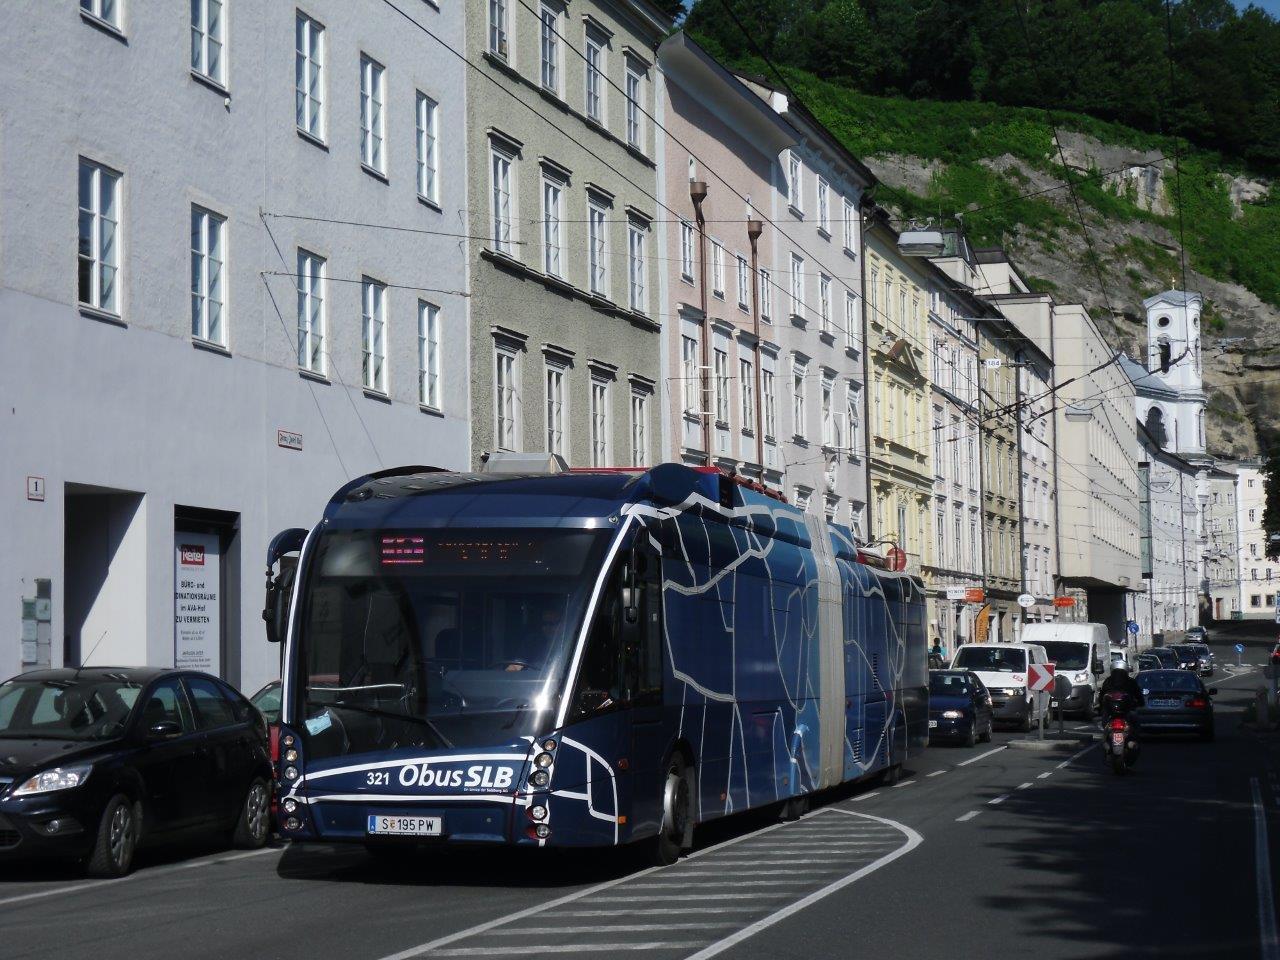 Trolejbus Solaris Trollino 18 AC MetroStyle ev. č. 321 na lince č. 10 na ulici Franz-Josef-Kai. Nyní tuto trať používají linky č. 7 a 8, přičemž zde došlo k obnově trolejového vedení. (foto: Gunter Mackinger)